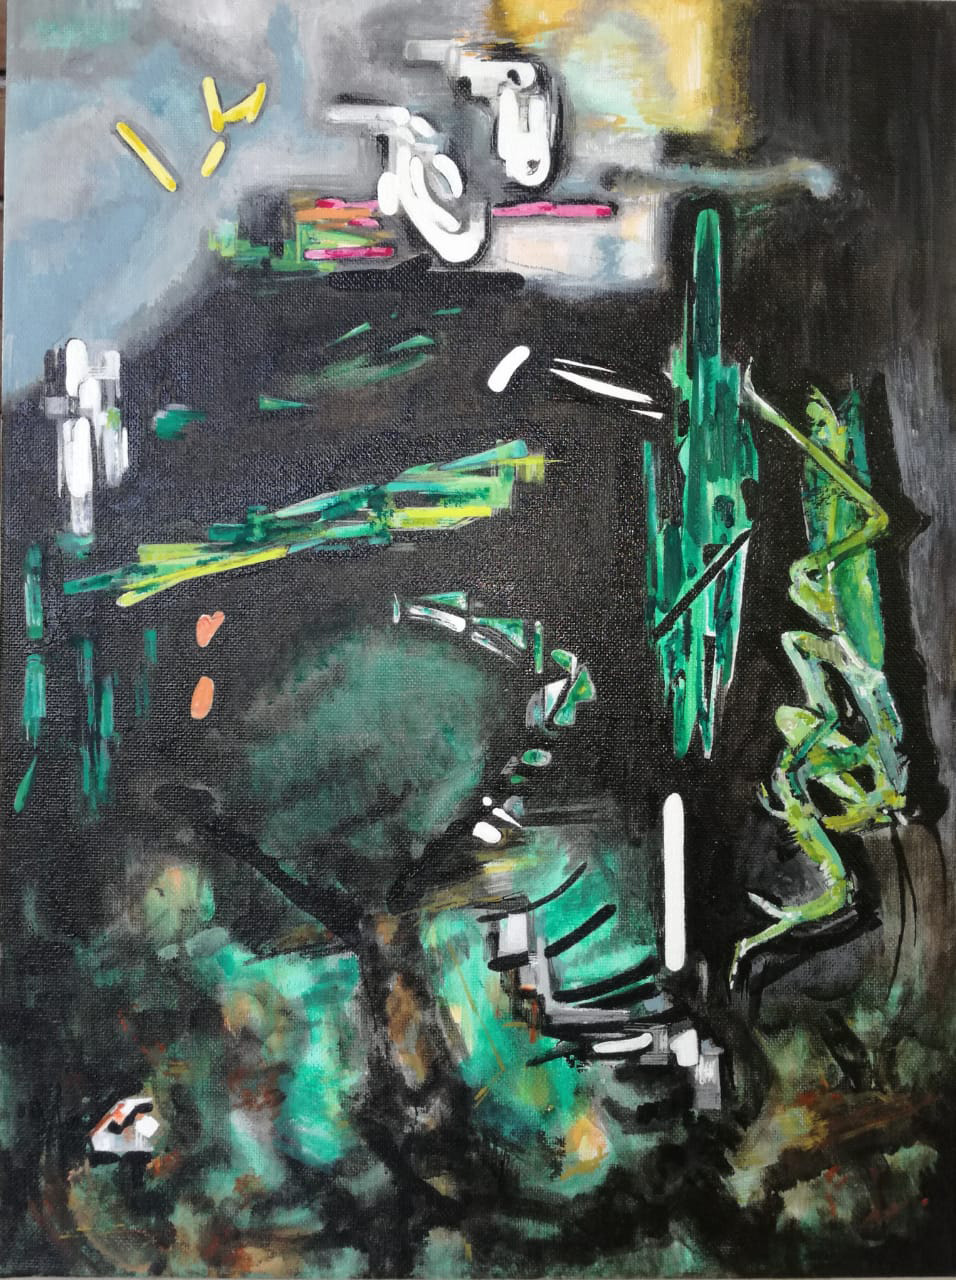 Vana Fertaki Untitled, 2021, oil and varnish on canvas, 40 x 30  cm